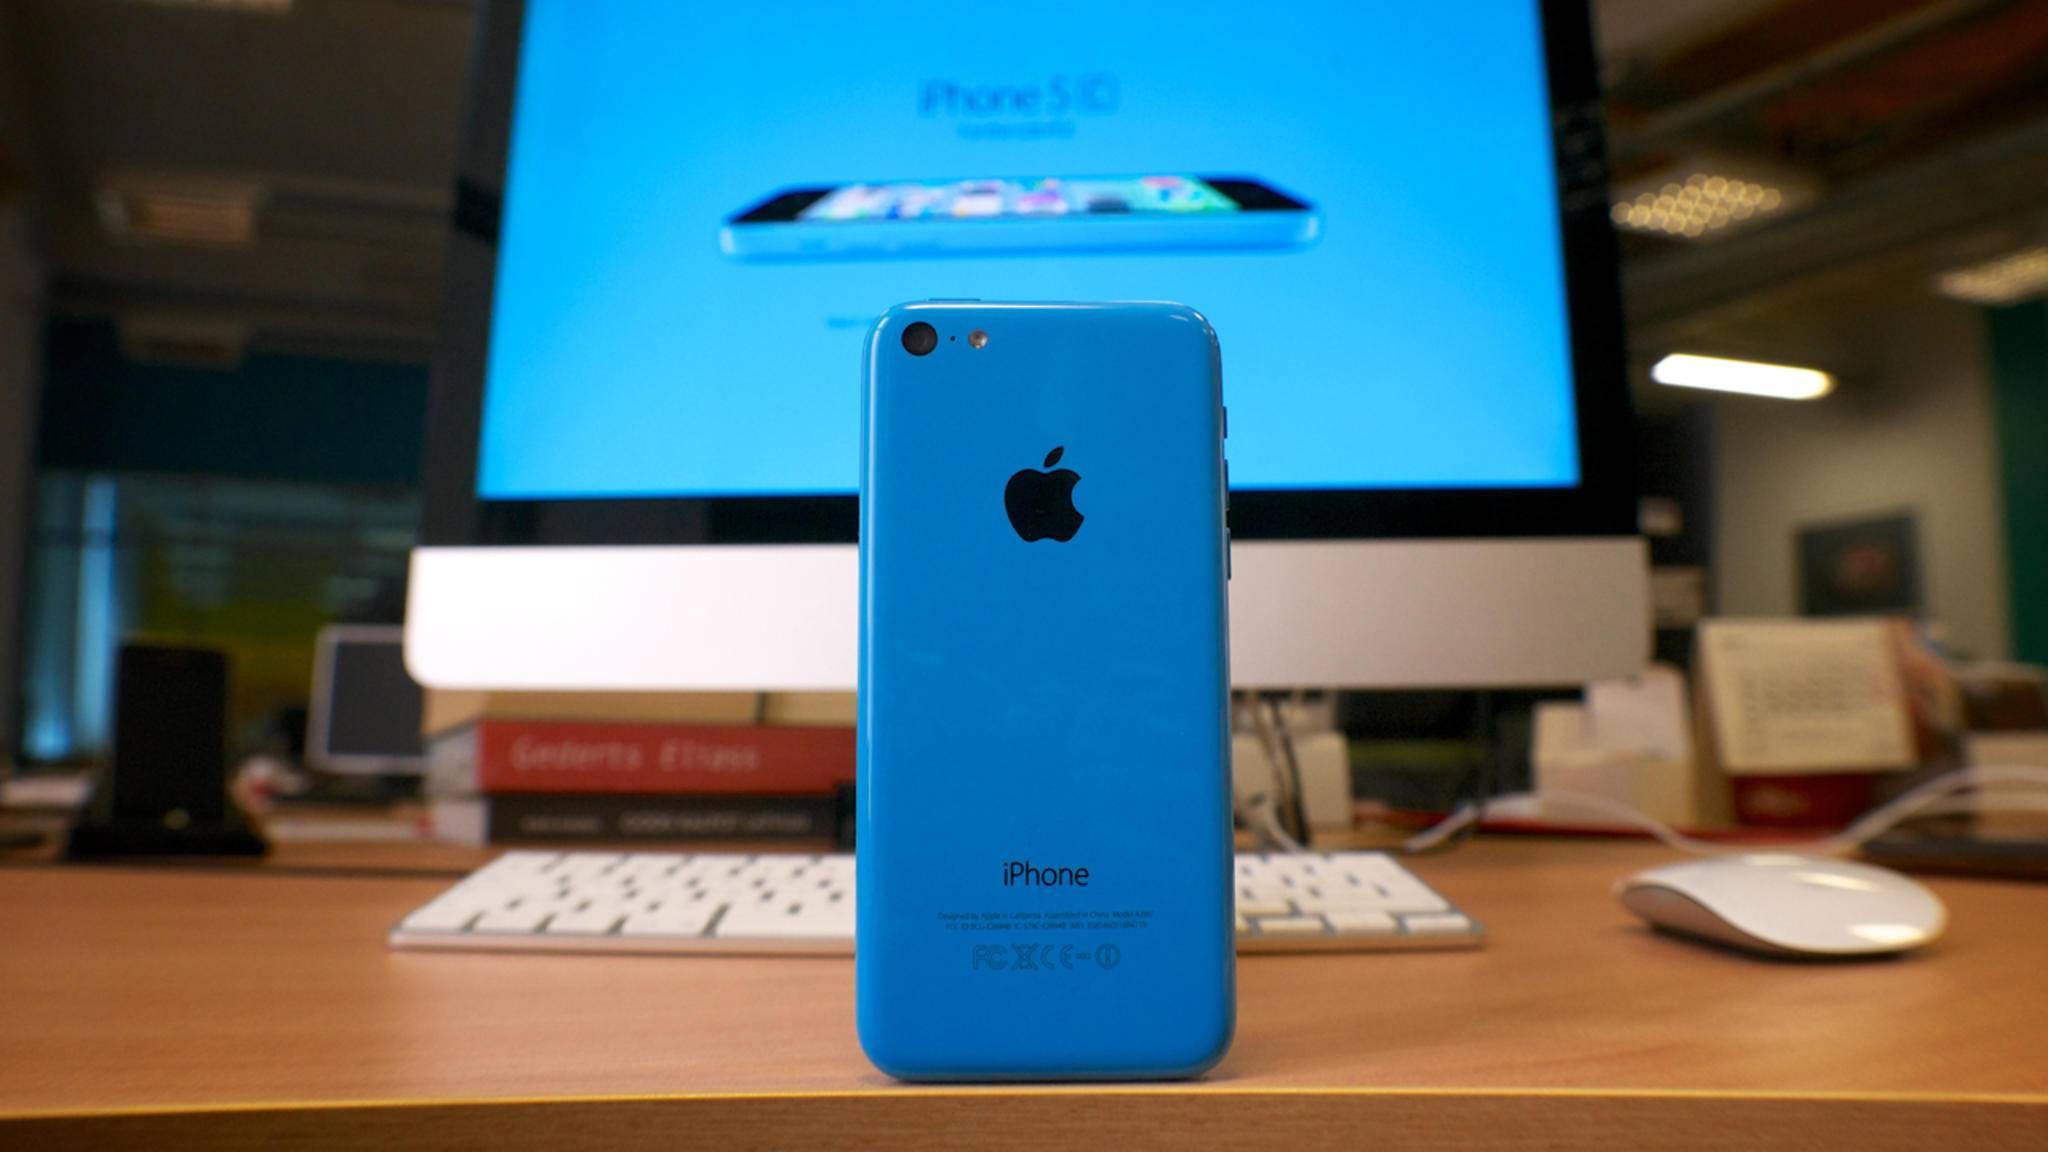 Die Over-the-Air-Version von iOS 10.3 für das iPhone 5c wurde zurückgezogen.